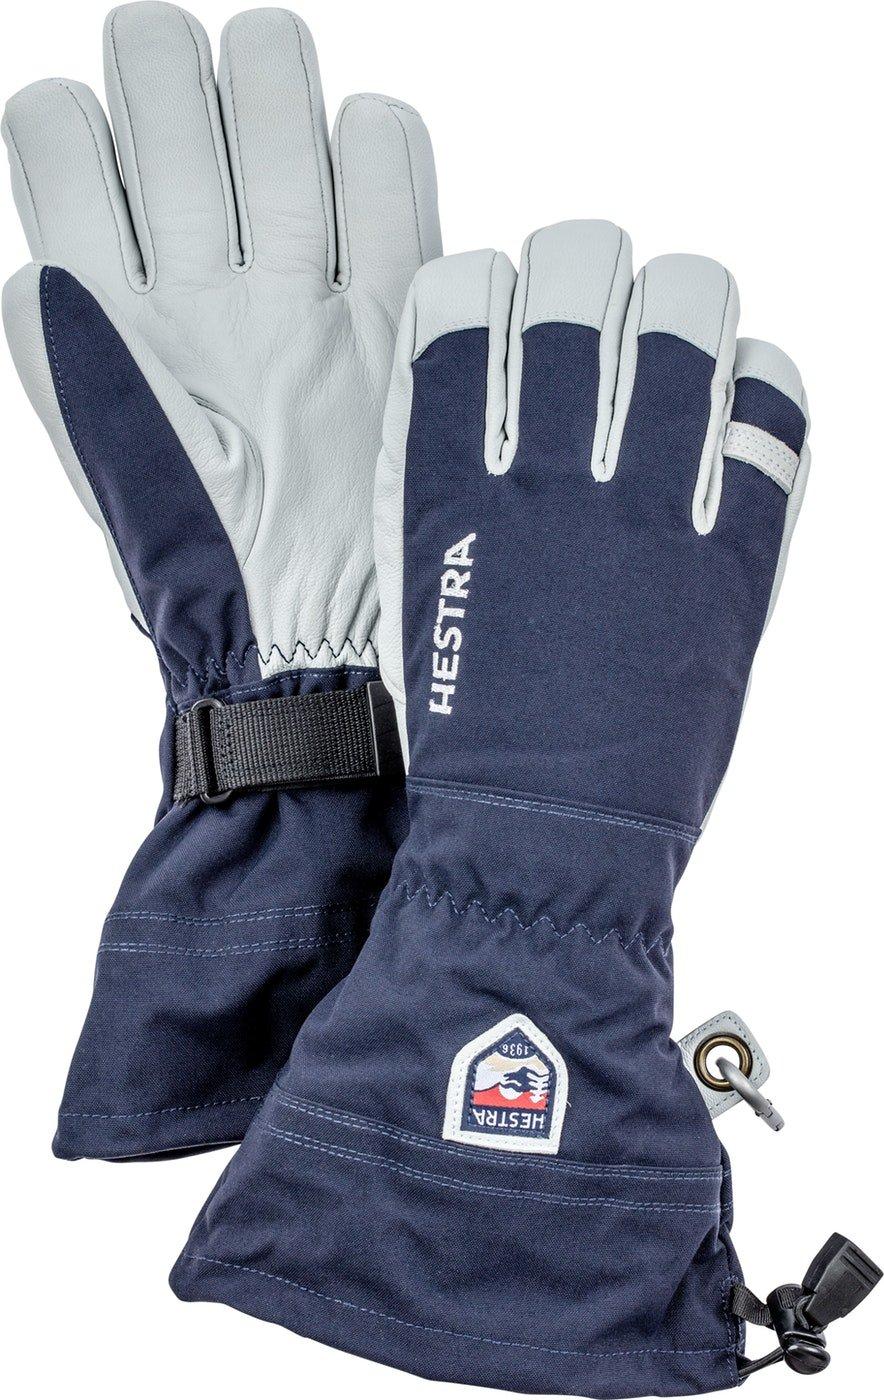 Hestra Army Leather Heli Ski Glove - Navy